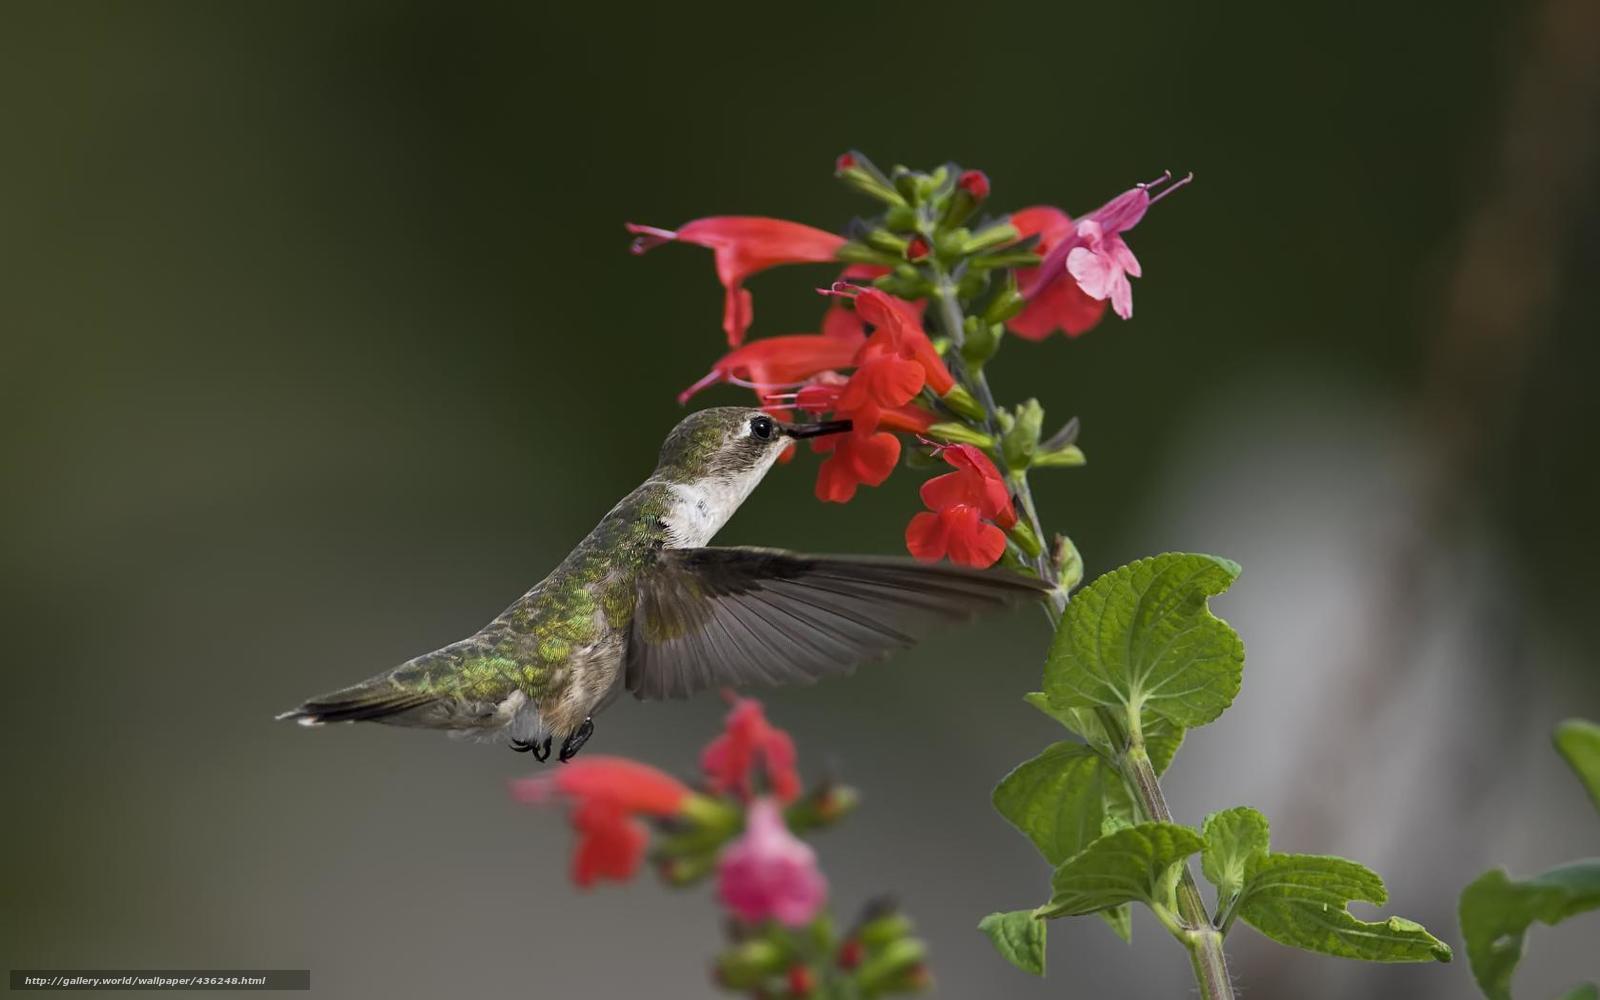 Скачать обои птица,  колибри,  цветы,  зелень бесплатно для рабочего стола в разрешении 1680x1050 — картинка №436248